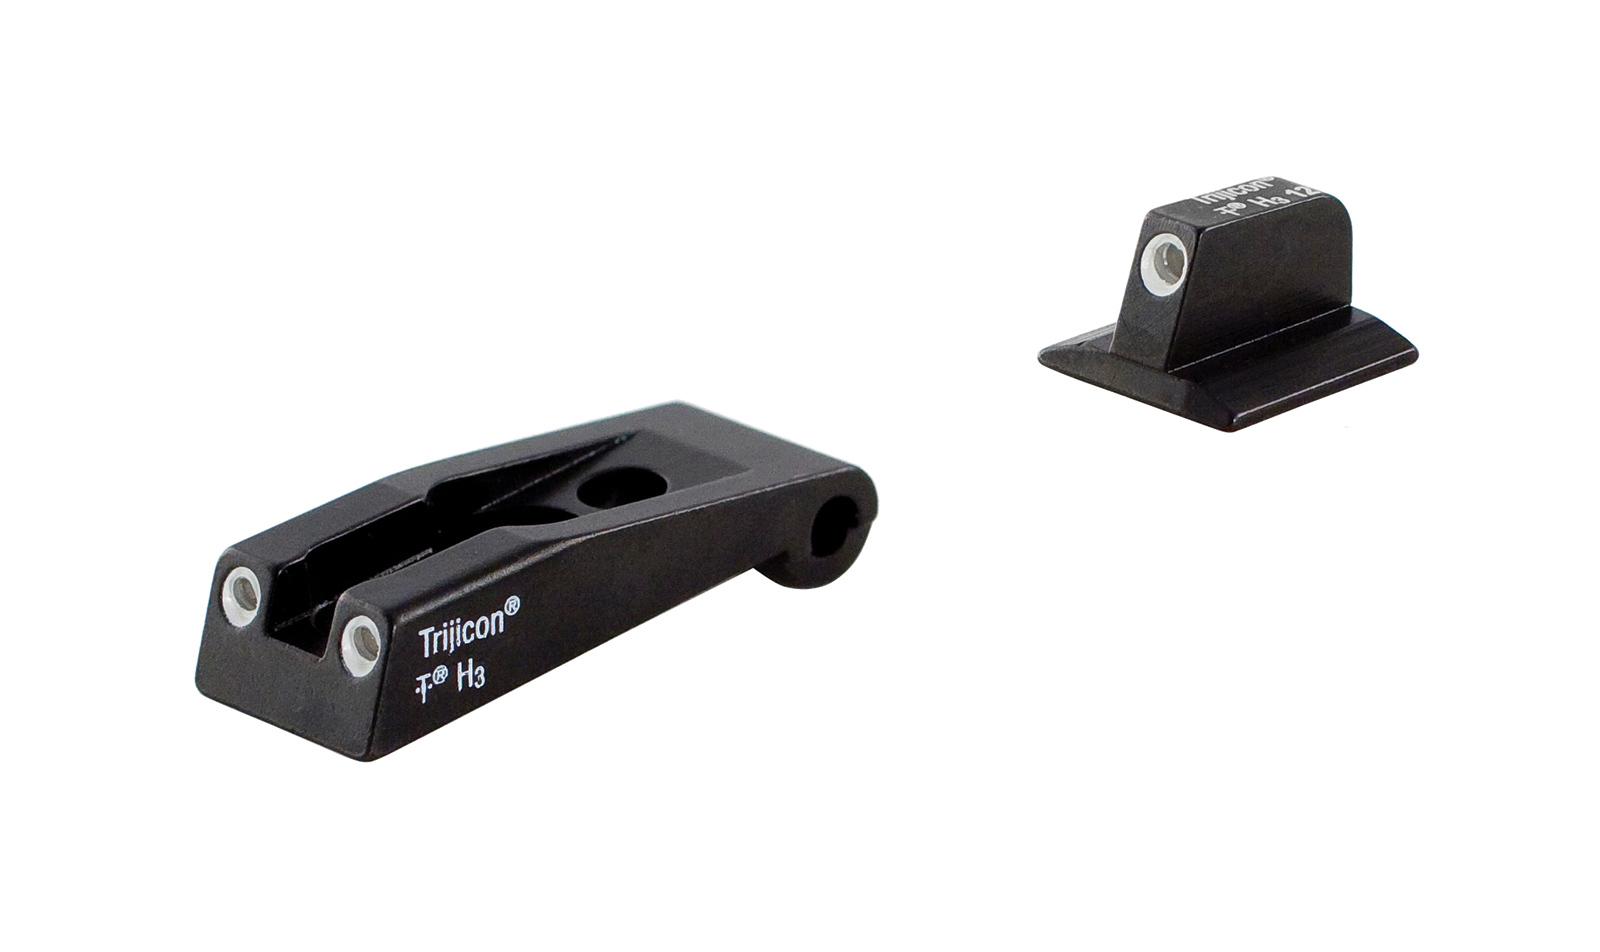 Trijicon Bright & Tough™ Night Sights - Ruger SR9, SR9c, SR40, SR40c,SR45